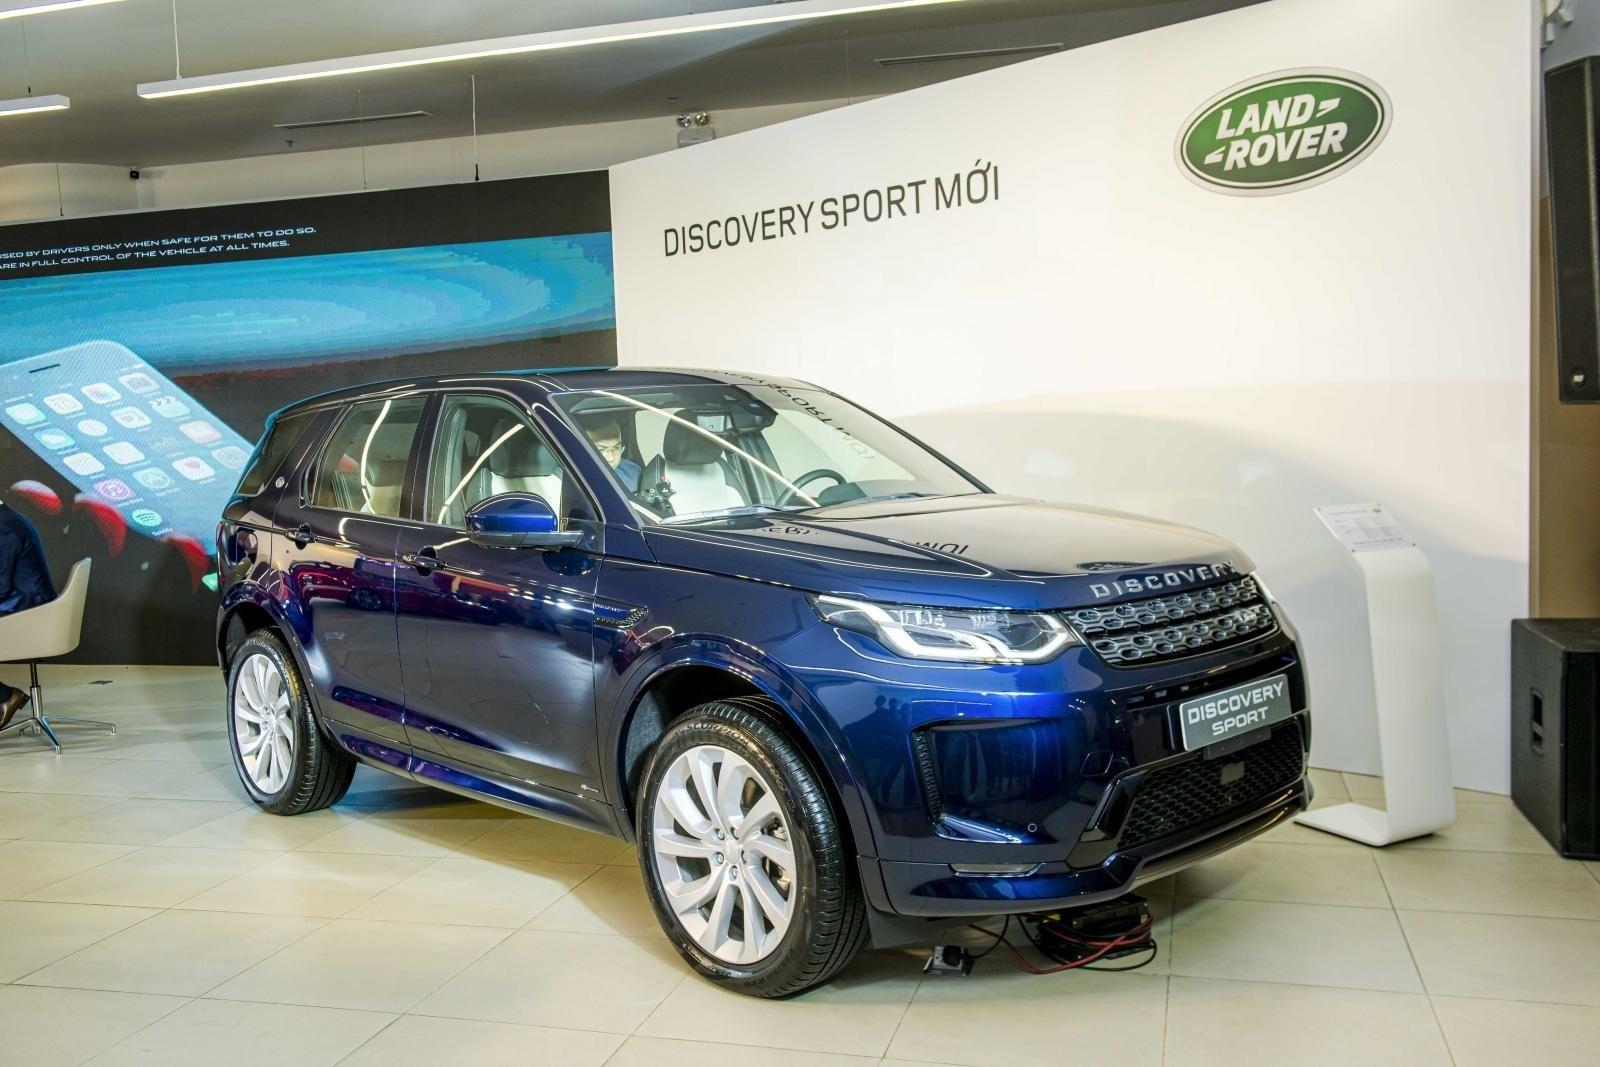 Jaguar Land Rover tung khuyến mãi đặc biệt cho khách hàng Việt Nam